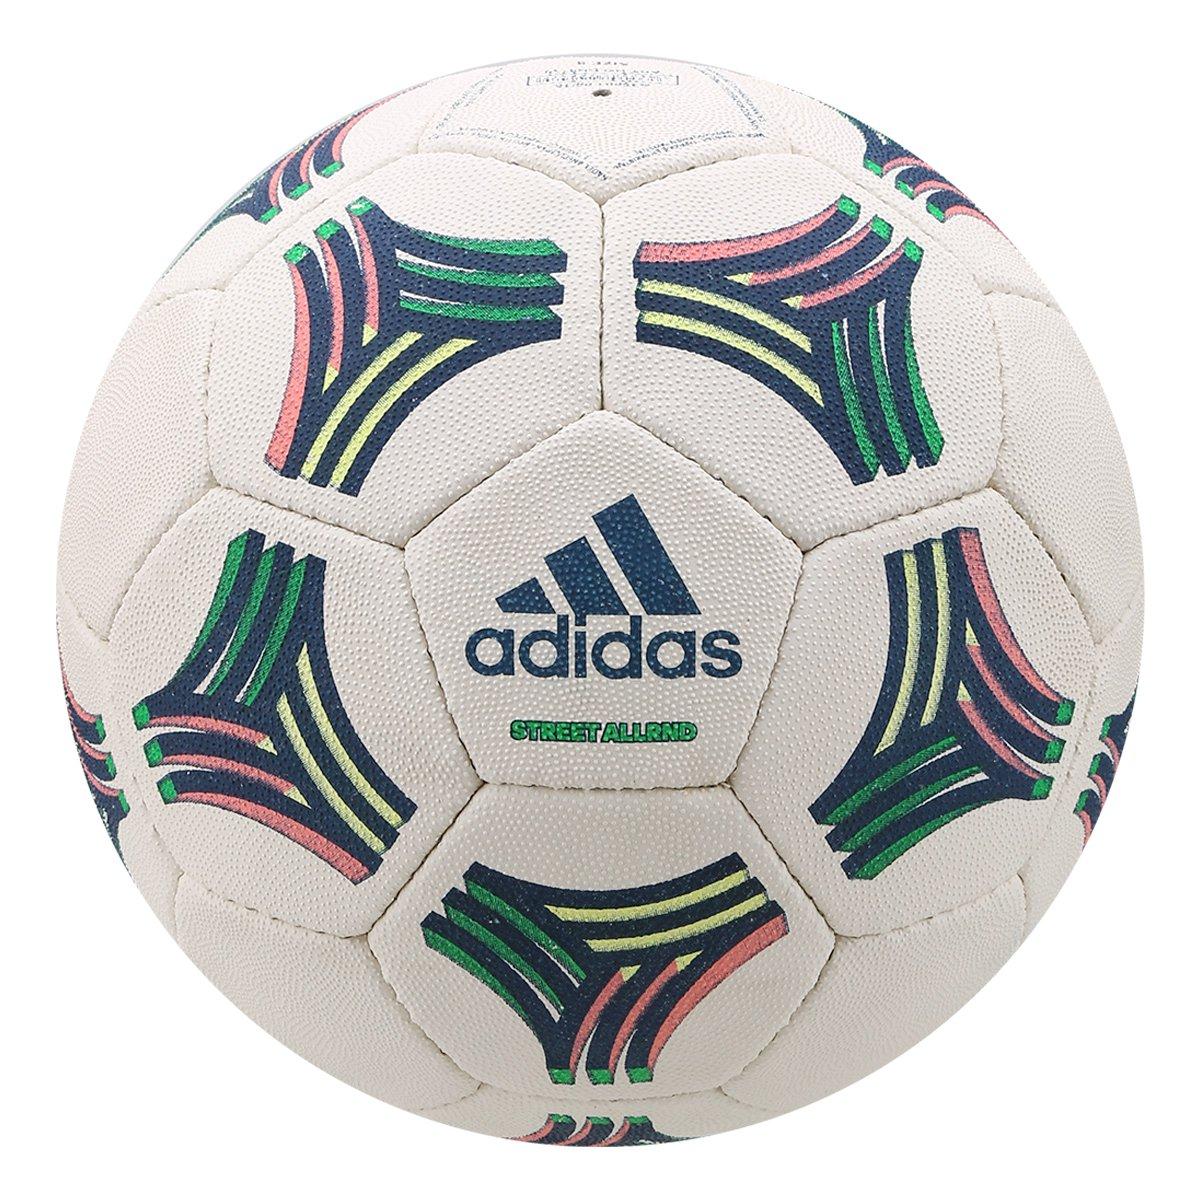 713851548e8d3 Bola de Futebol Campo Adidas Tango Allround Street - Branco e Azul - Compre  Agora